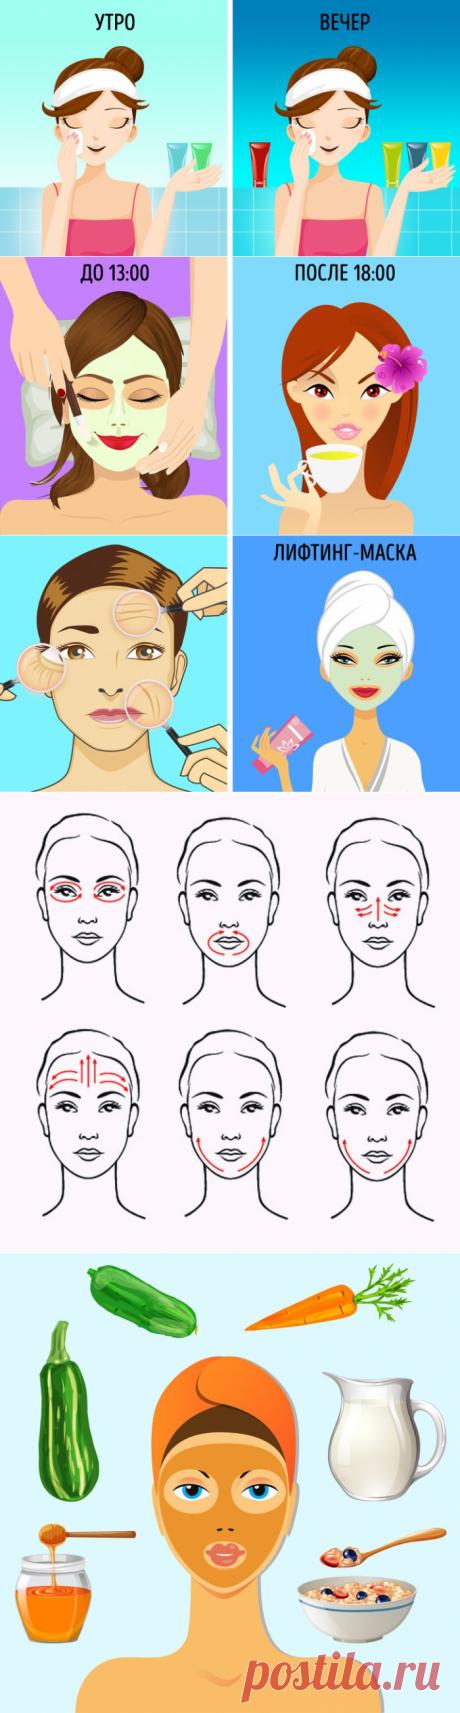 Еженедельный график ухода за кожей лица